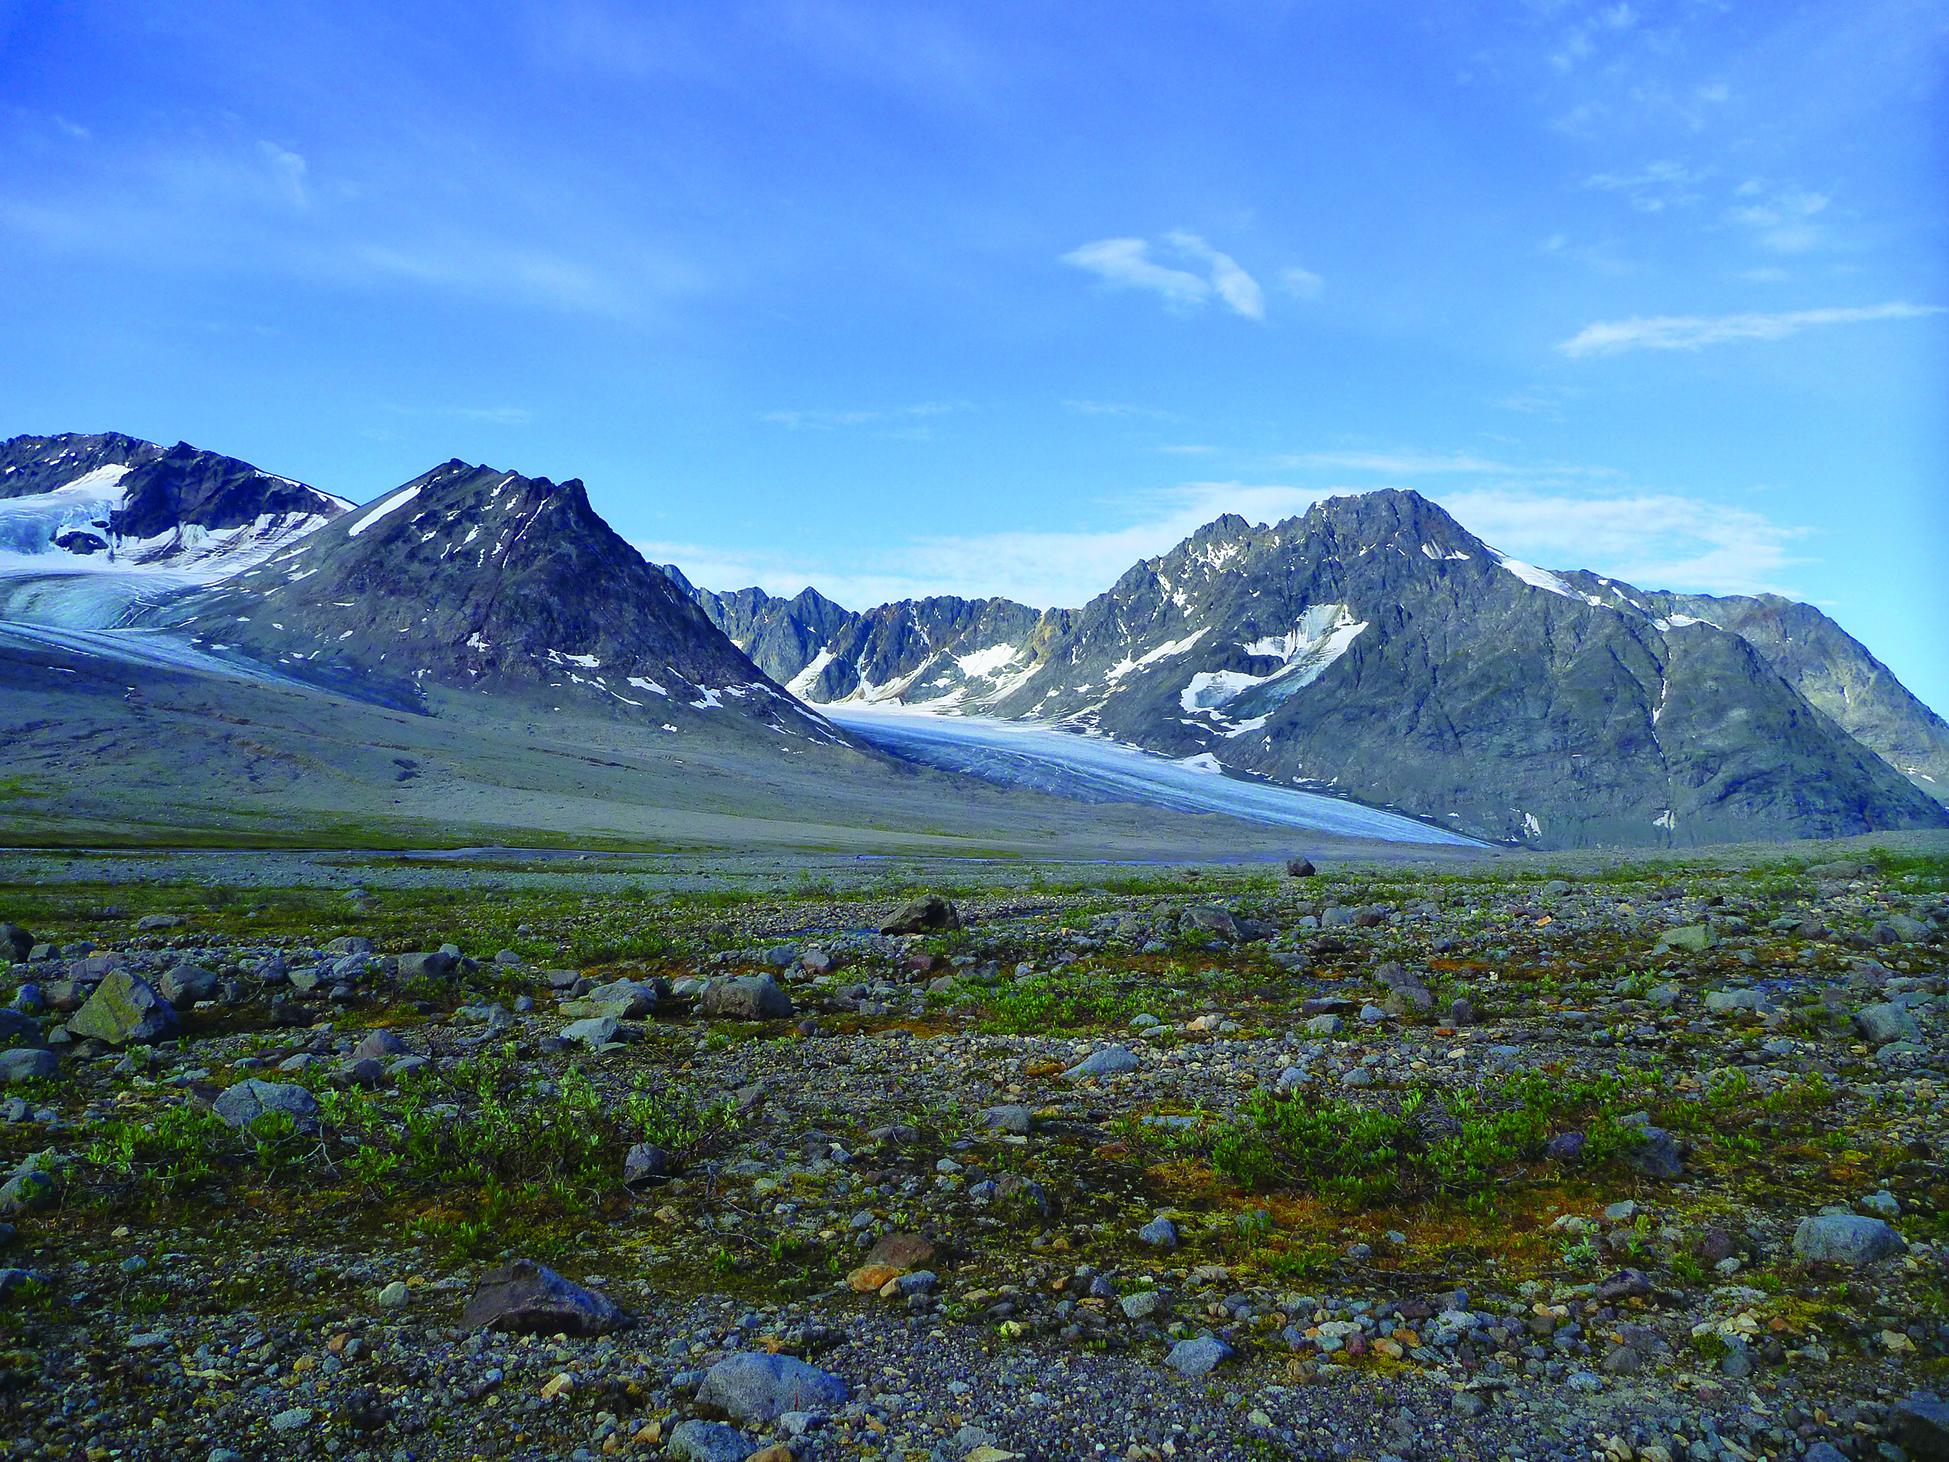 P1100589 Receding glaciers.jpg